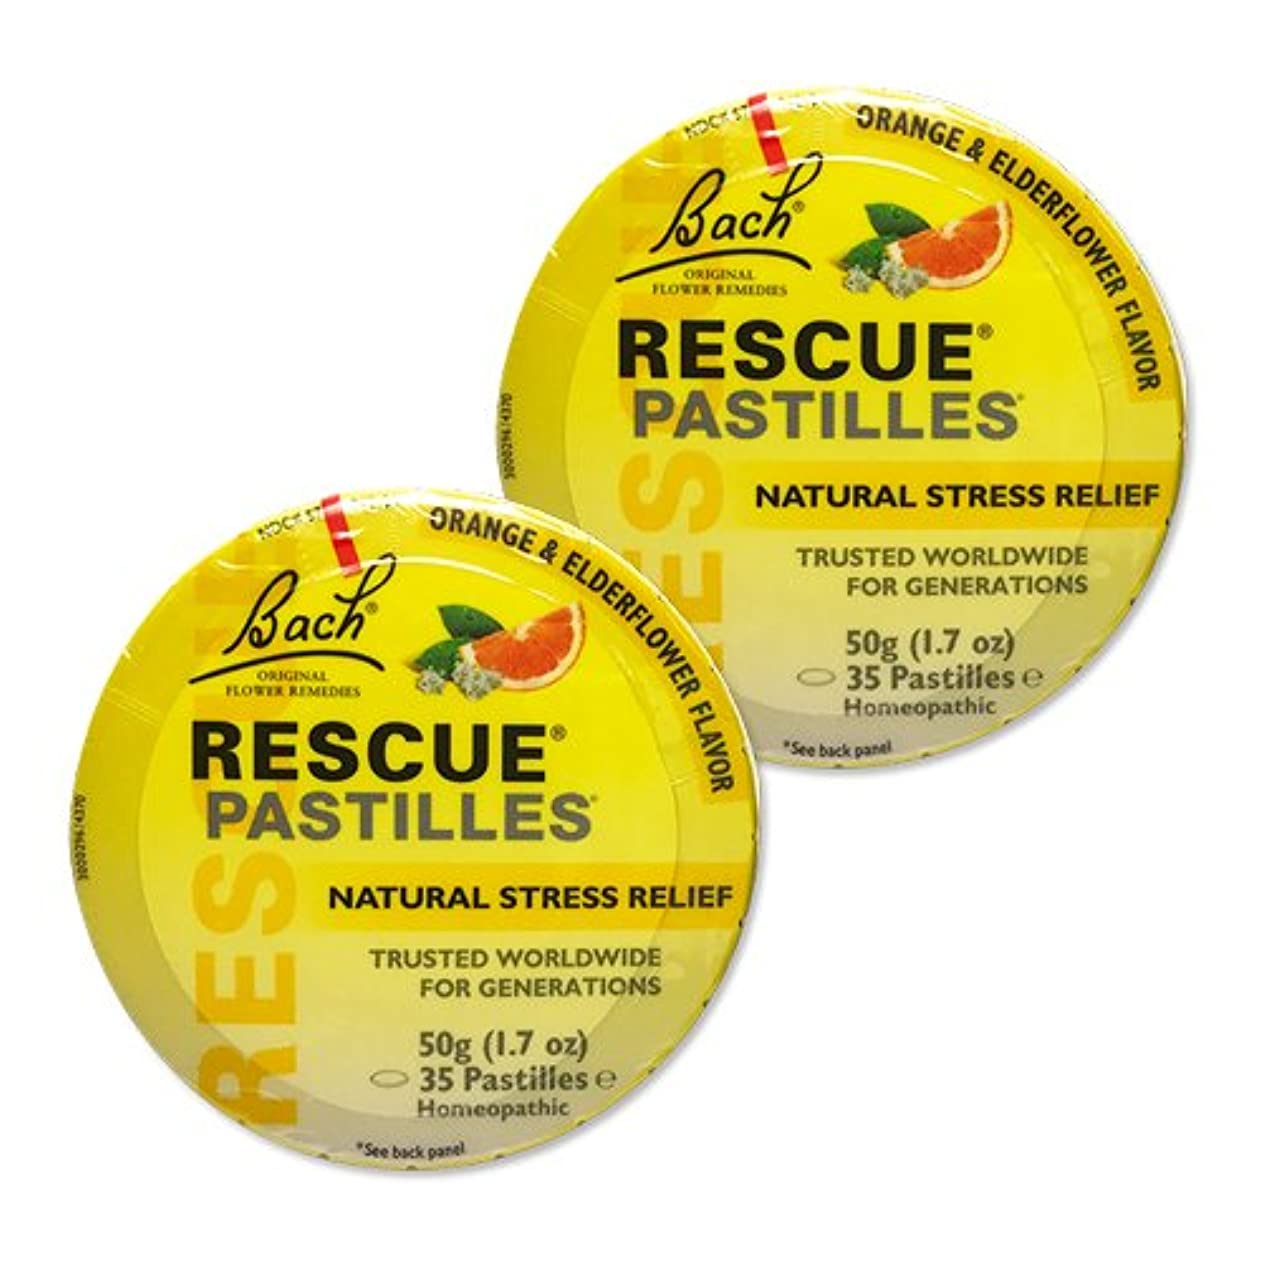 コンセンサスバラバラにする形【2個セット】 [海外直送品]バッチフラワー レスキューレメディー パステル(オレンジ) Rescue Pastilles: For Occasional...